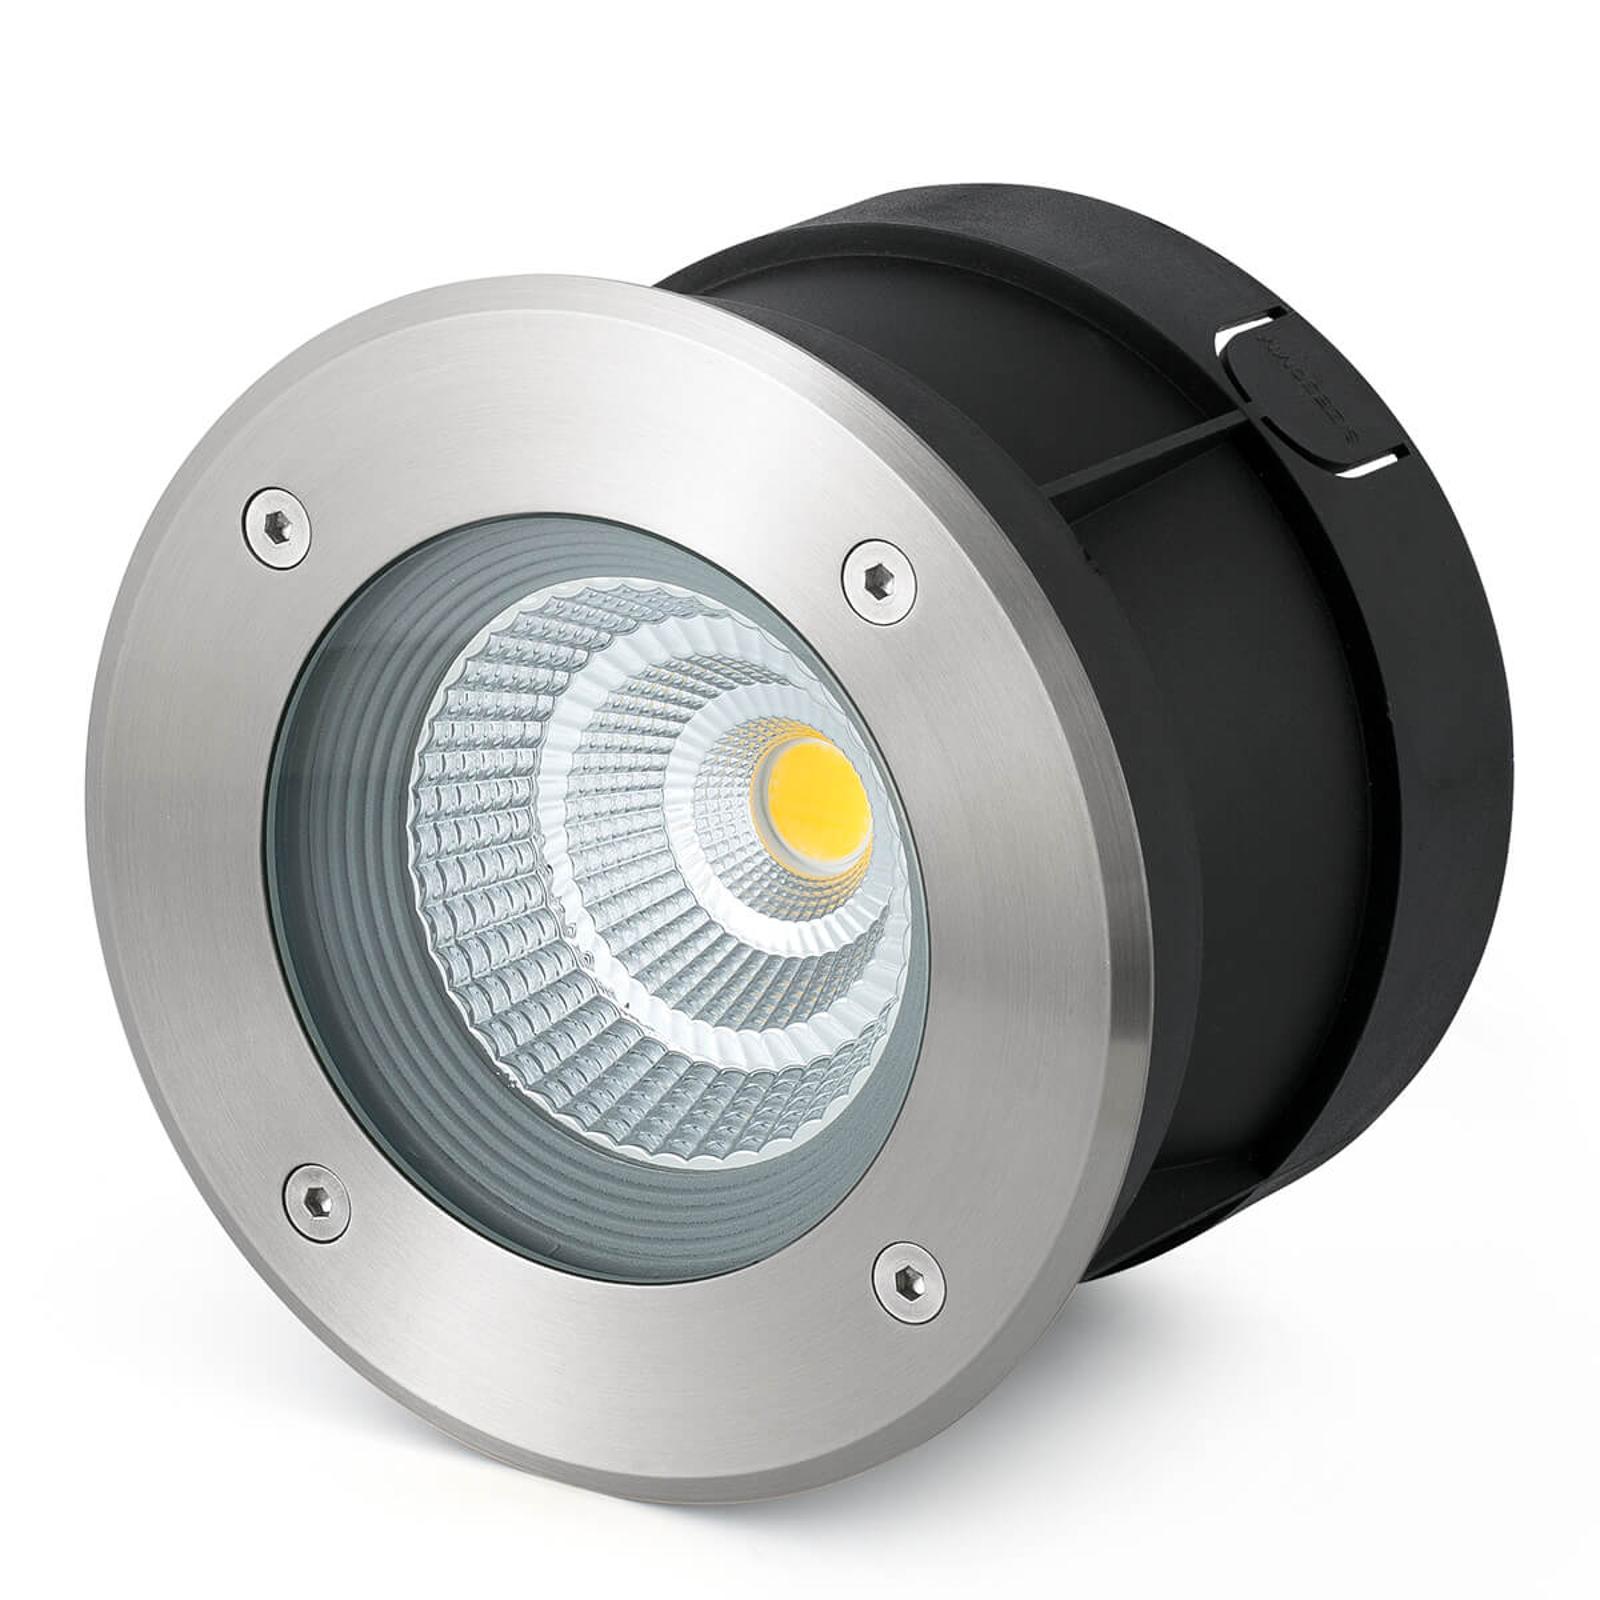 LED-spot wbudowany w podłogę Suria-12